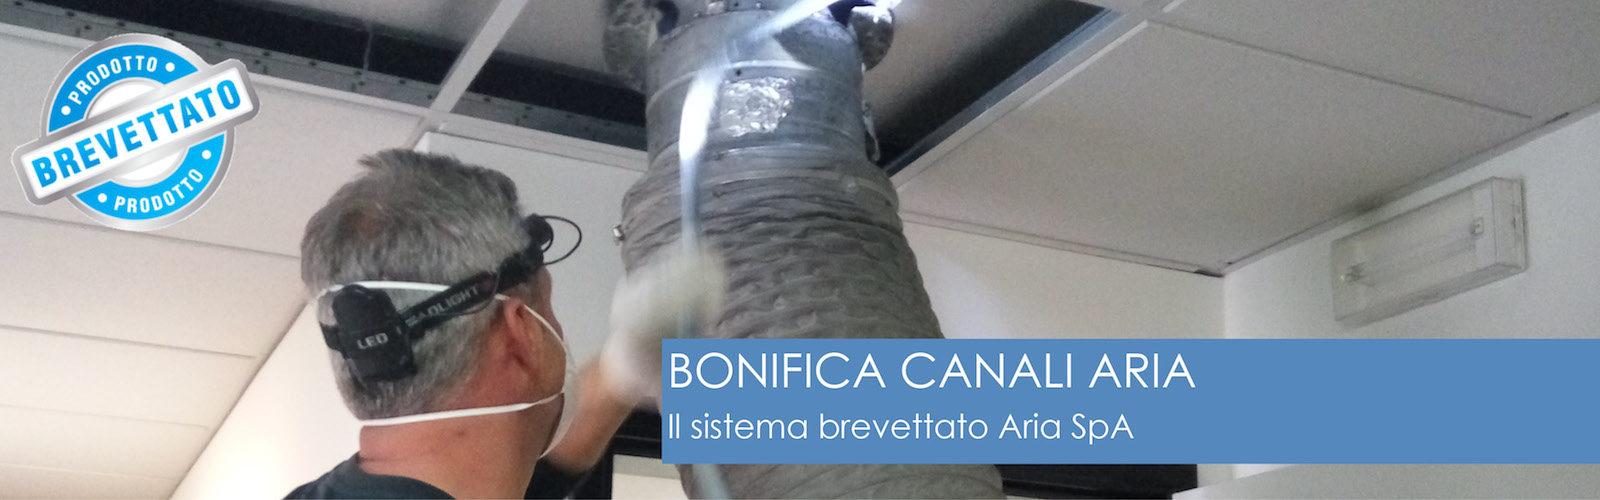 bonifica_condotte_aria_brevetto